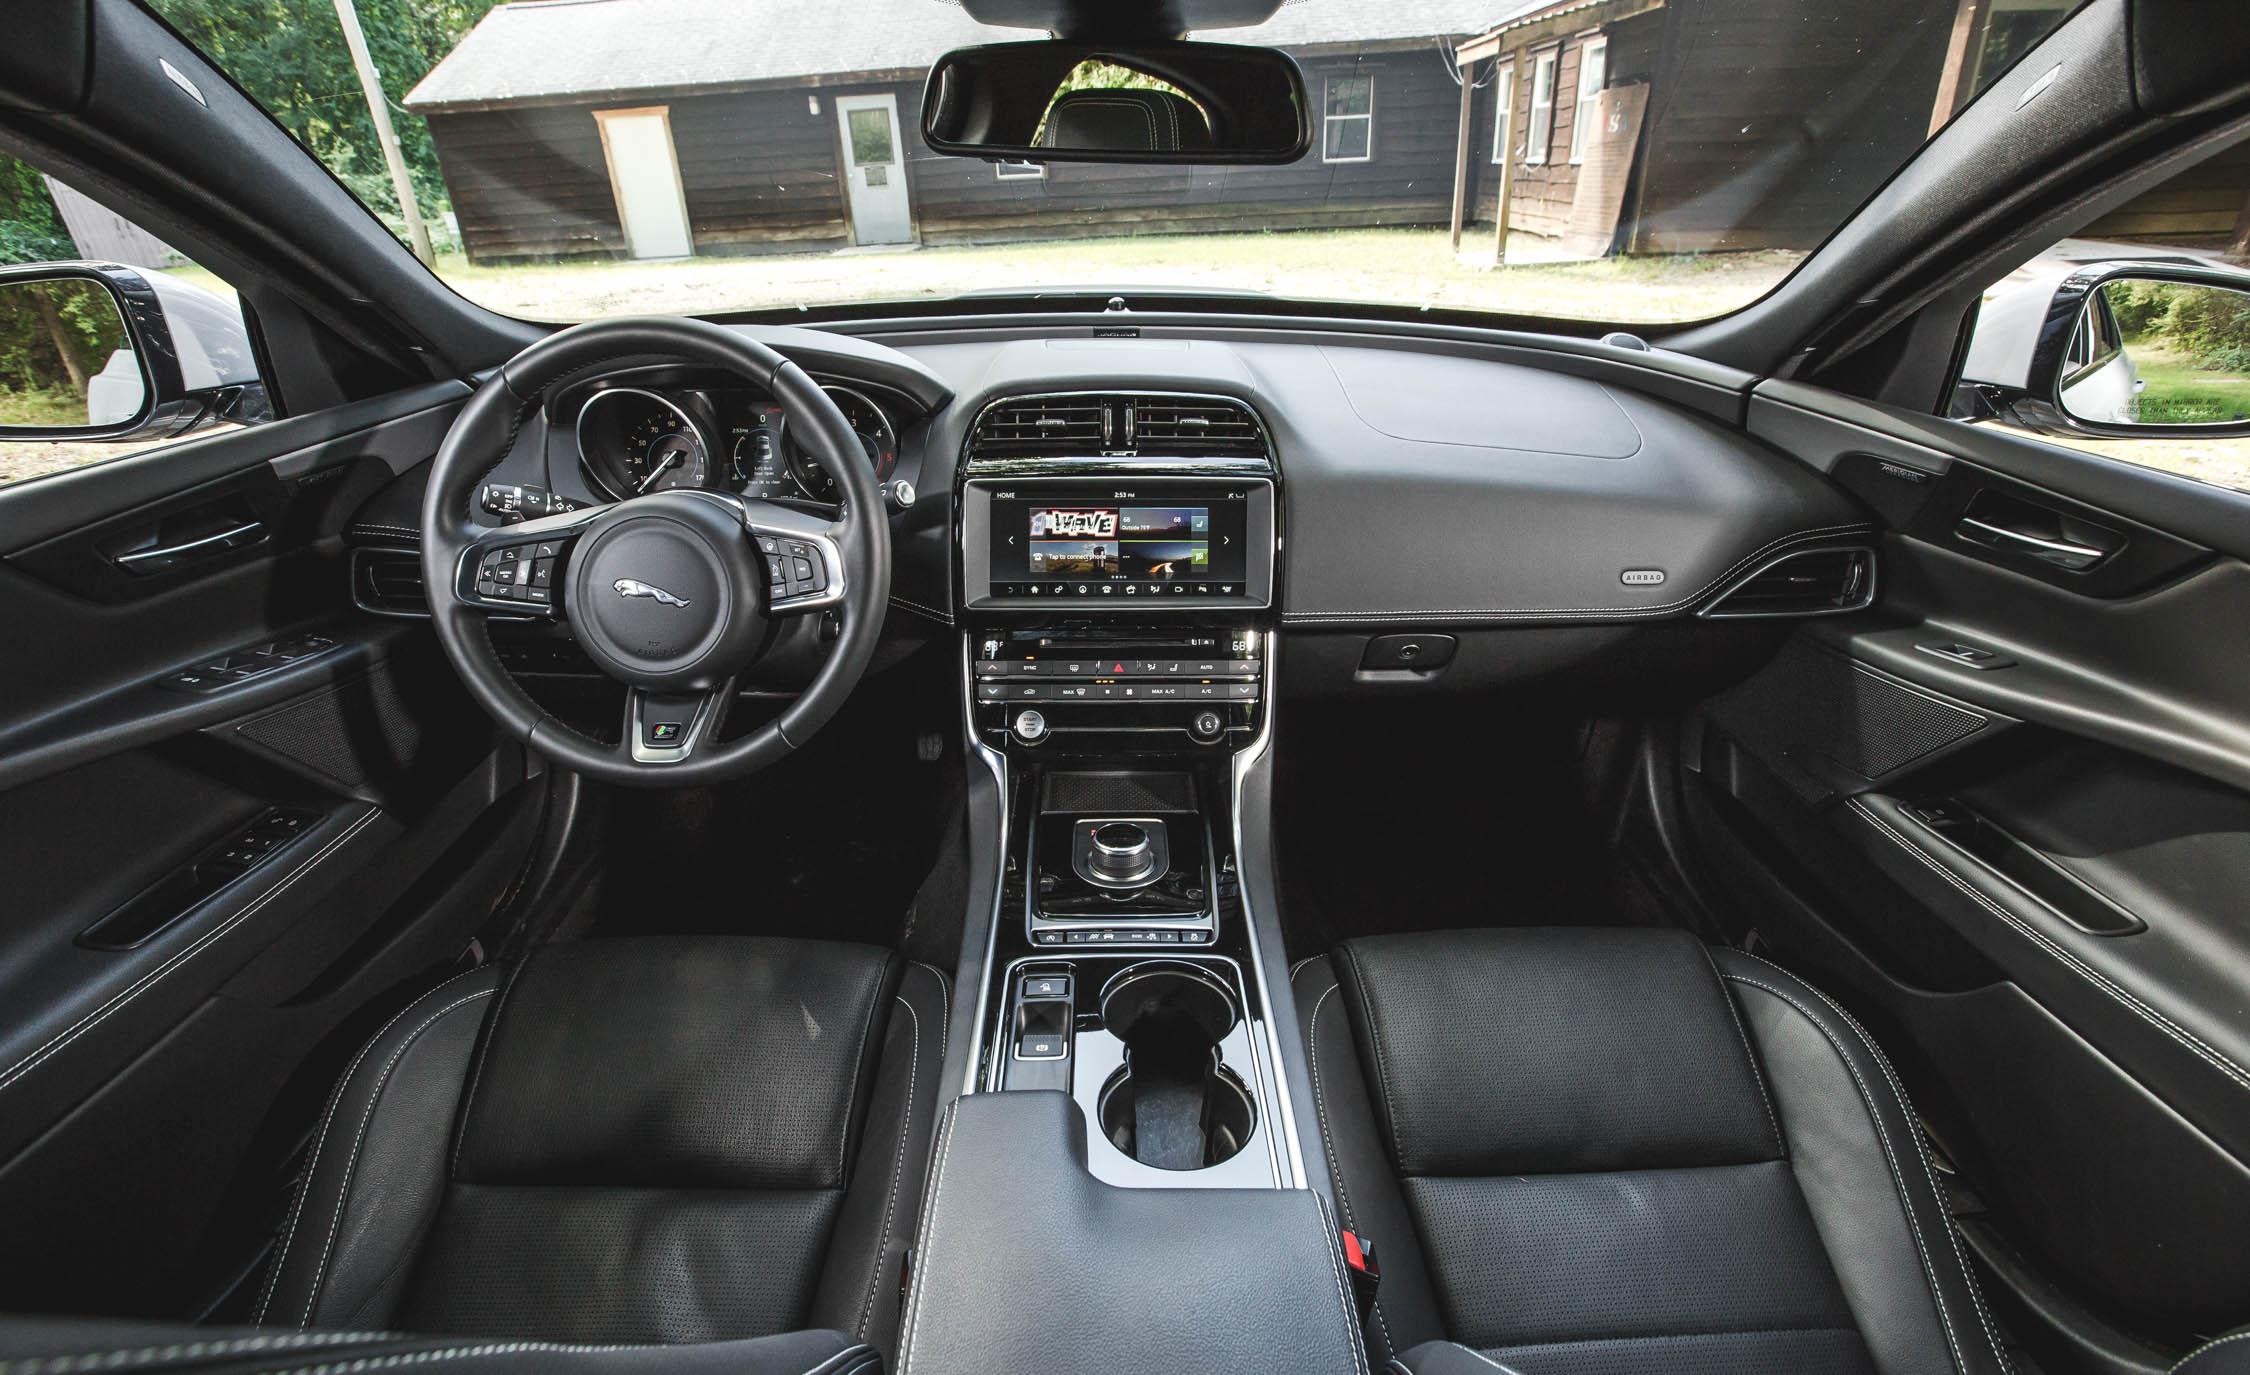 2017 Jaguar Xe Interior (View 15 of 32)